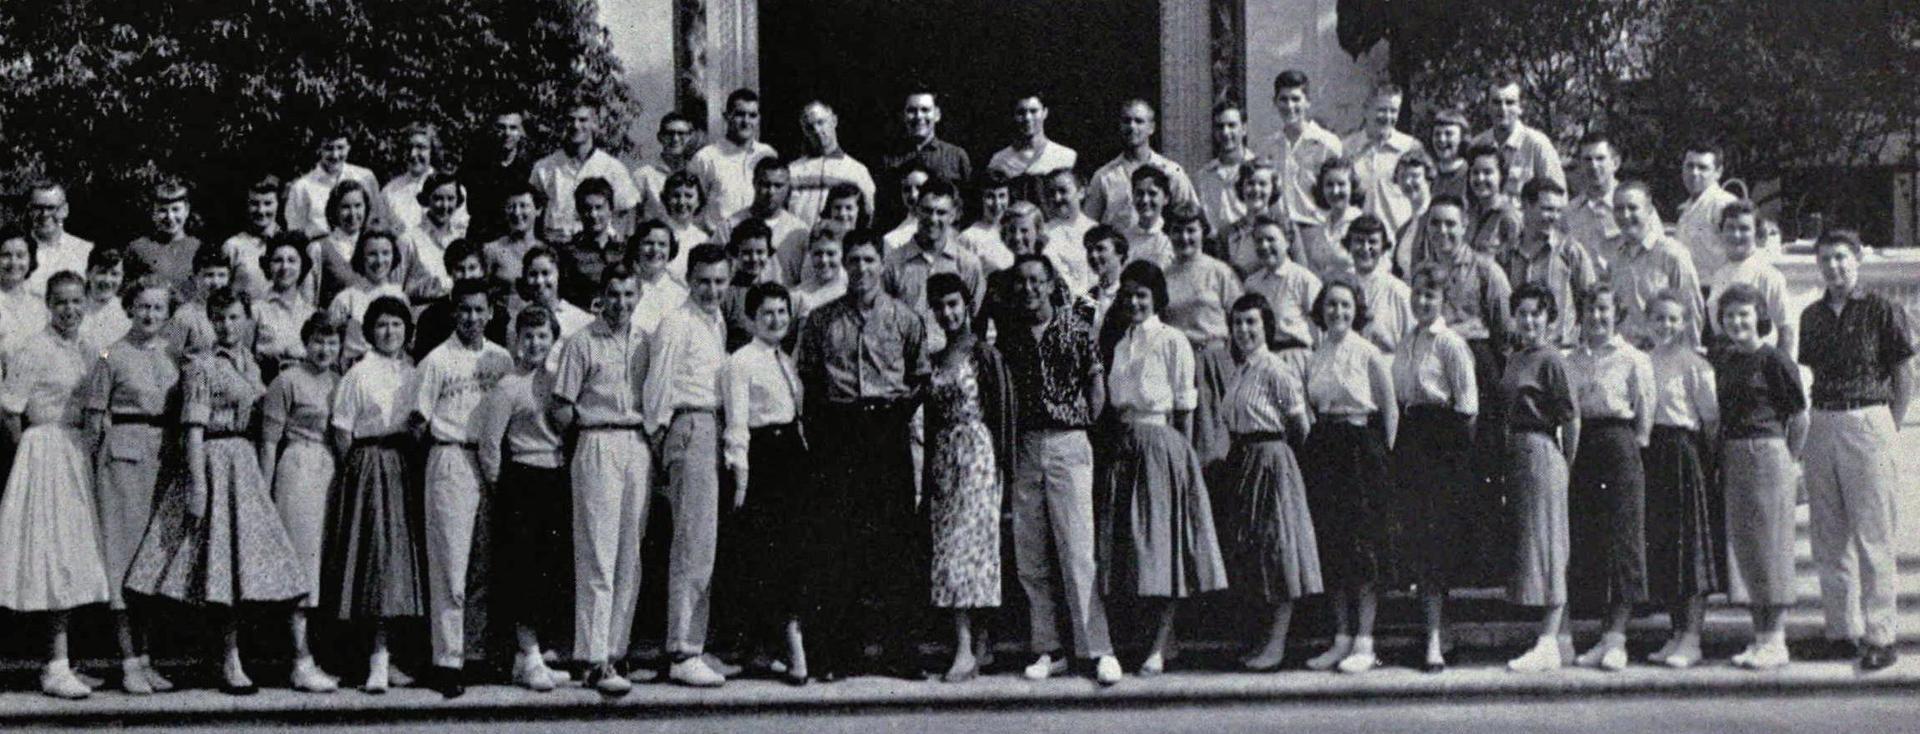 At USC 1956